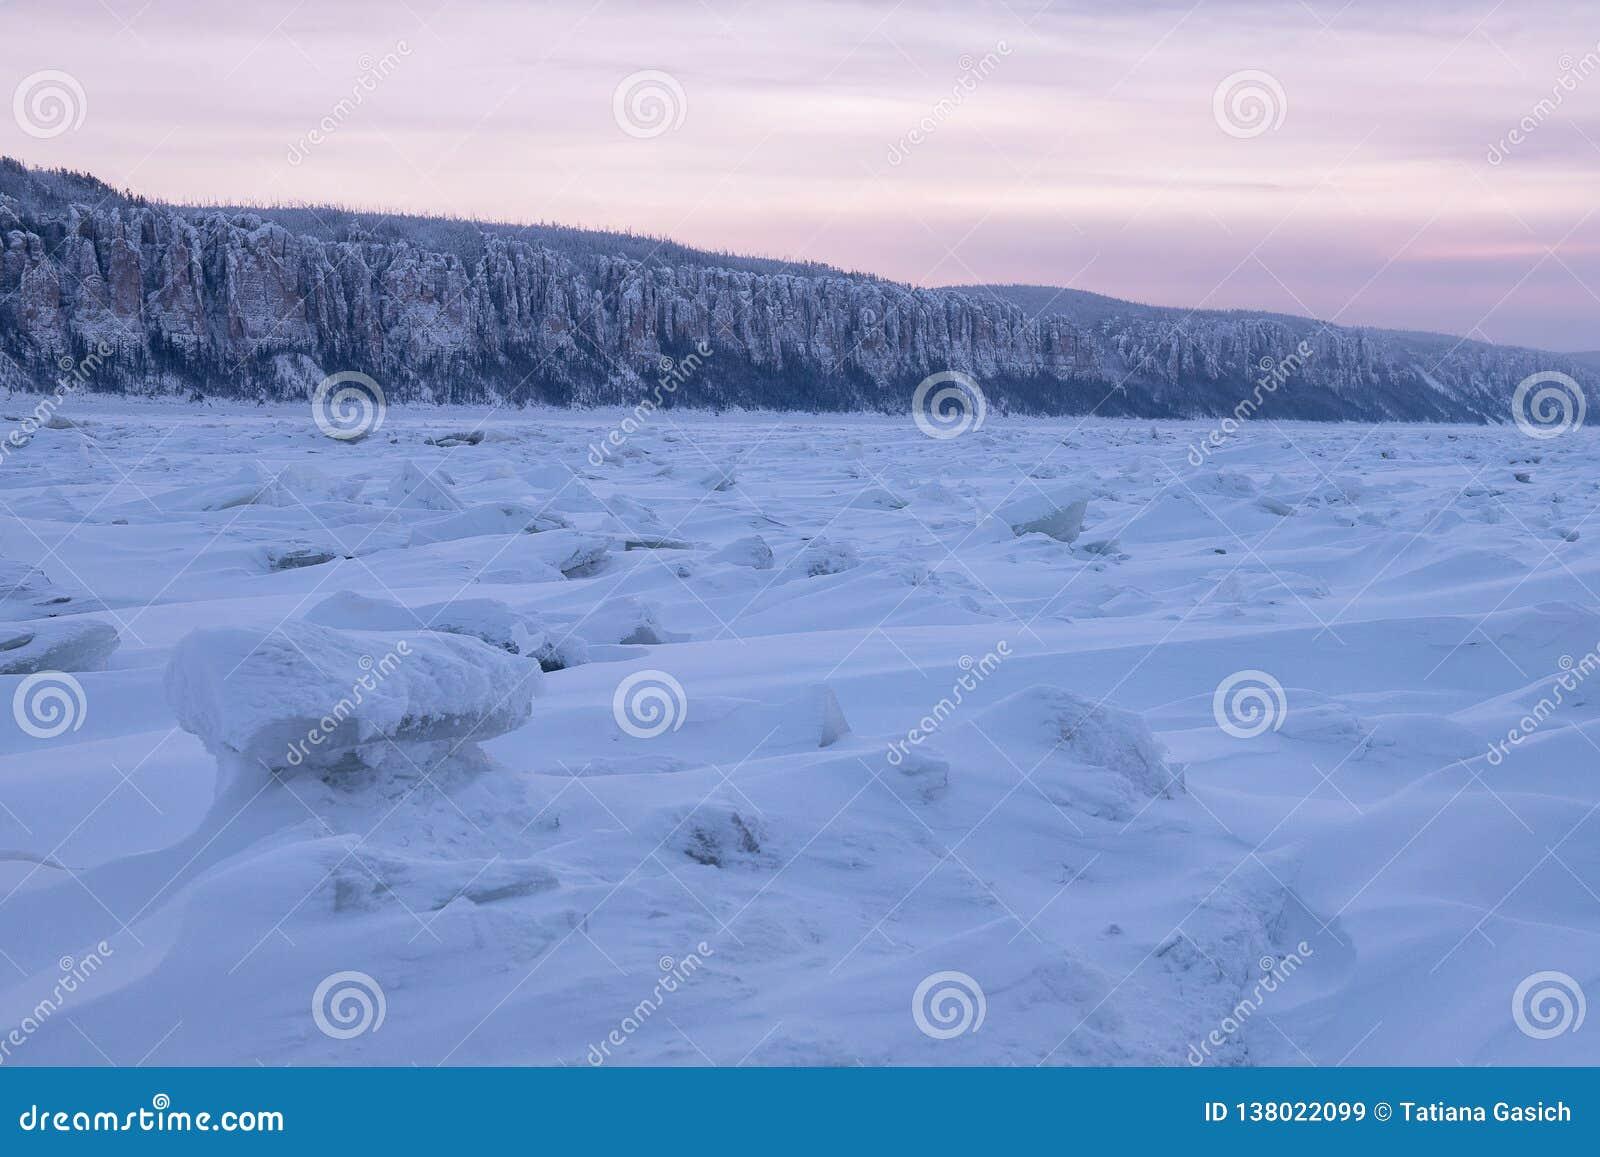 De winterlandschap in purpere tonen met geribbeld ijs op de bevroren rivier bij zonsondergang